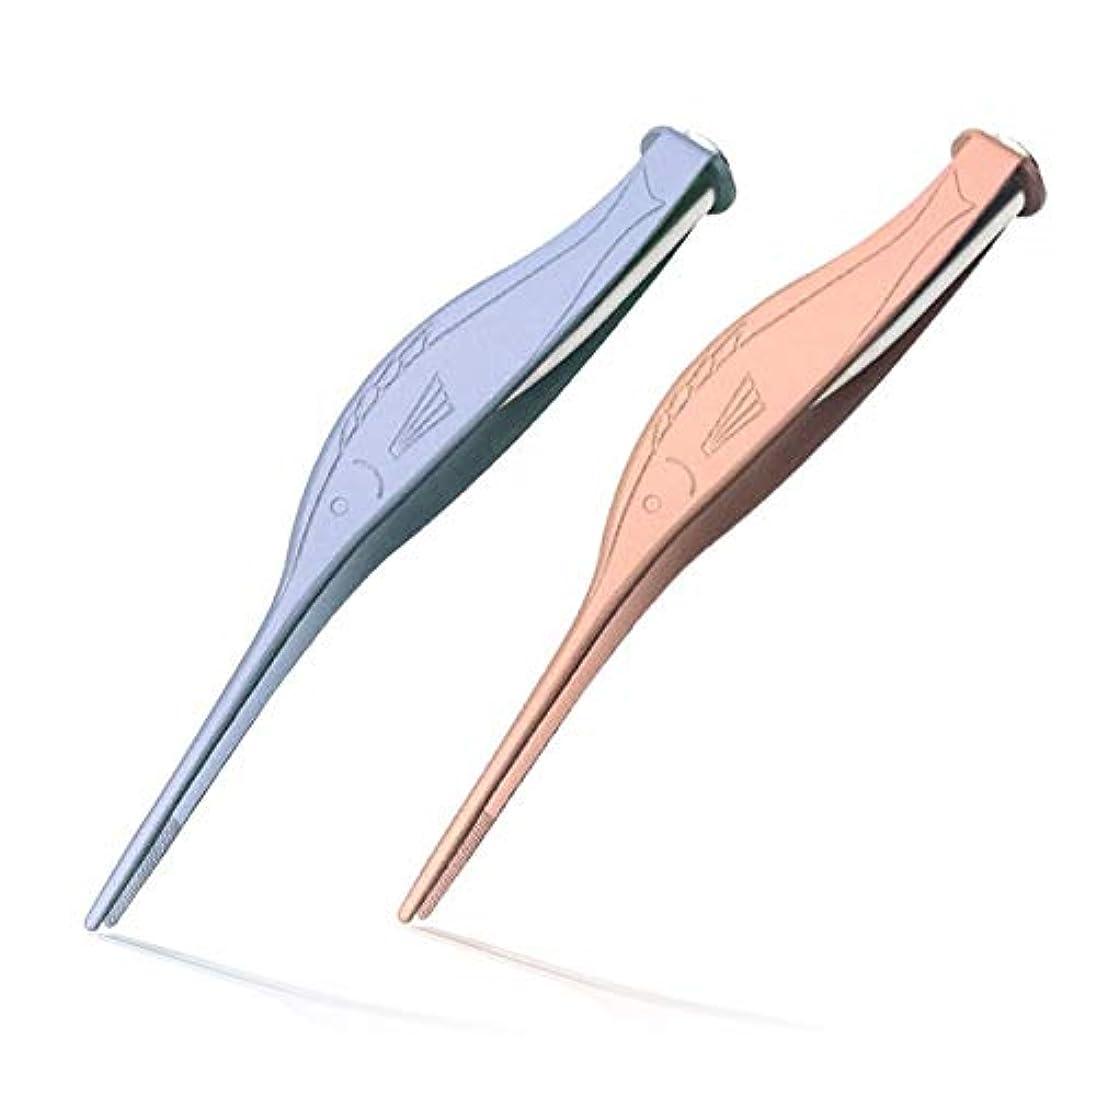 上がる粒報いるホットLED懐中電灯ステンレス耳かきクリーンピンセットツール耳鼻へそピンセット耳垢除去耳のケア (Color : Blue 1PC)